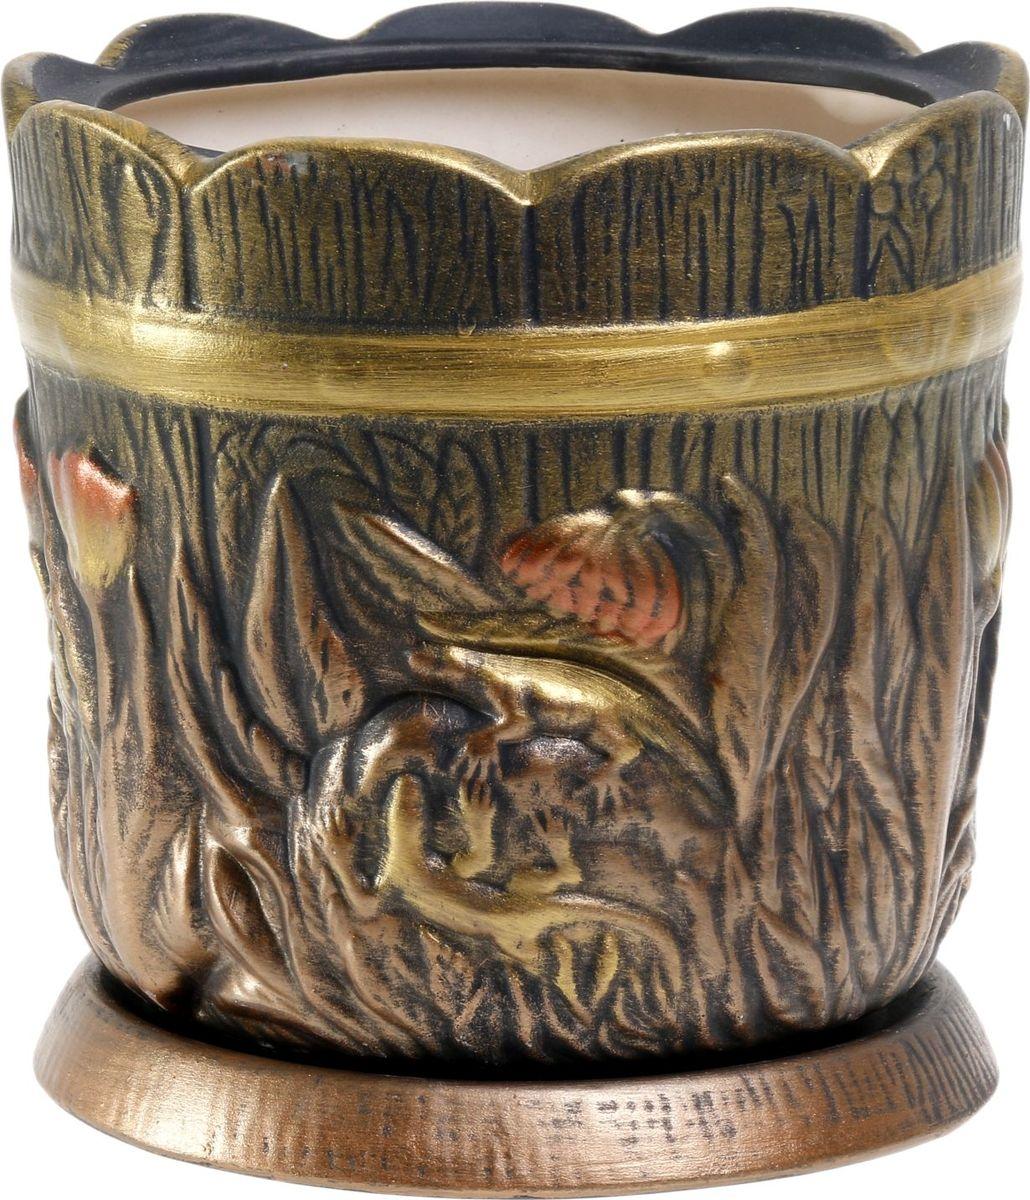 Кашпо Керамика ручной работы Поляна, цвет: бронзовый, 6 л1063319Комнатные растения — всеобщие любимцы. Они радуют глаз, насыщают помещение кислородом и украшают пространство. Каждому из них необходим свой удобный и красивый дом. Кашпо из керамики прекрасно подходят для высадки растений: за счёт пластичности глины и разных способов обработки существует великое множество форм и дизайновпористый материал позволяет испаряться лишней влагевоздух, необходимый для дыхания корней, проникает сквозь керамические стенки! #name# позаботится о зелёном питомце, освежит интерьер и подчеркнёт его стиль.